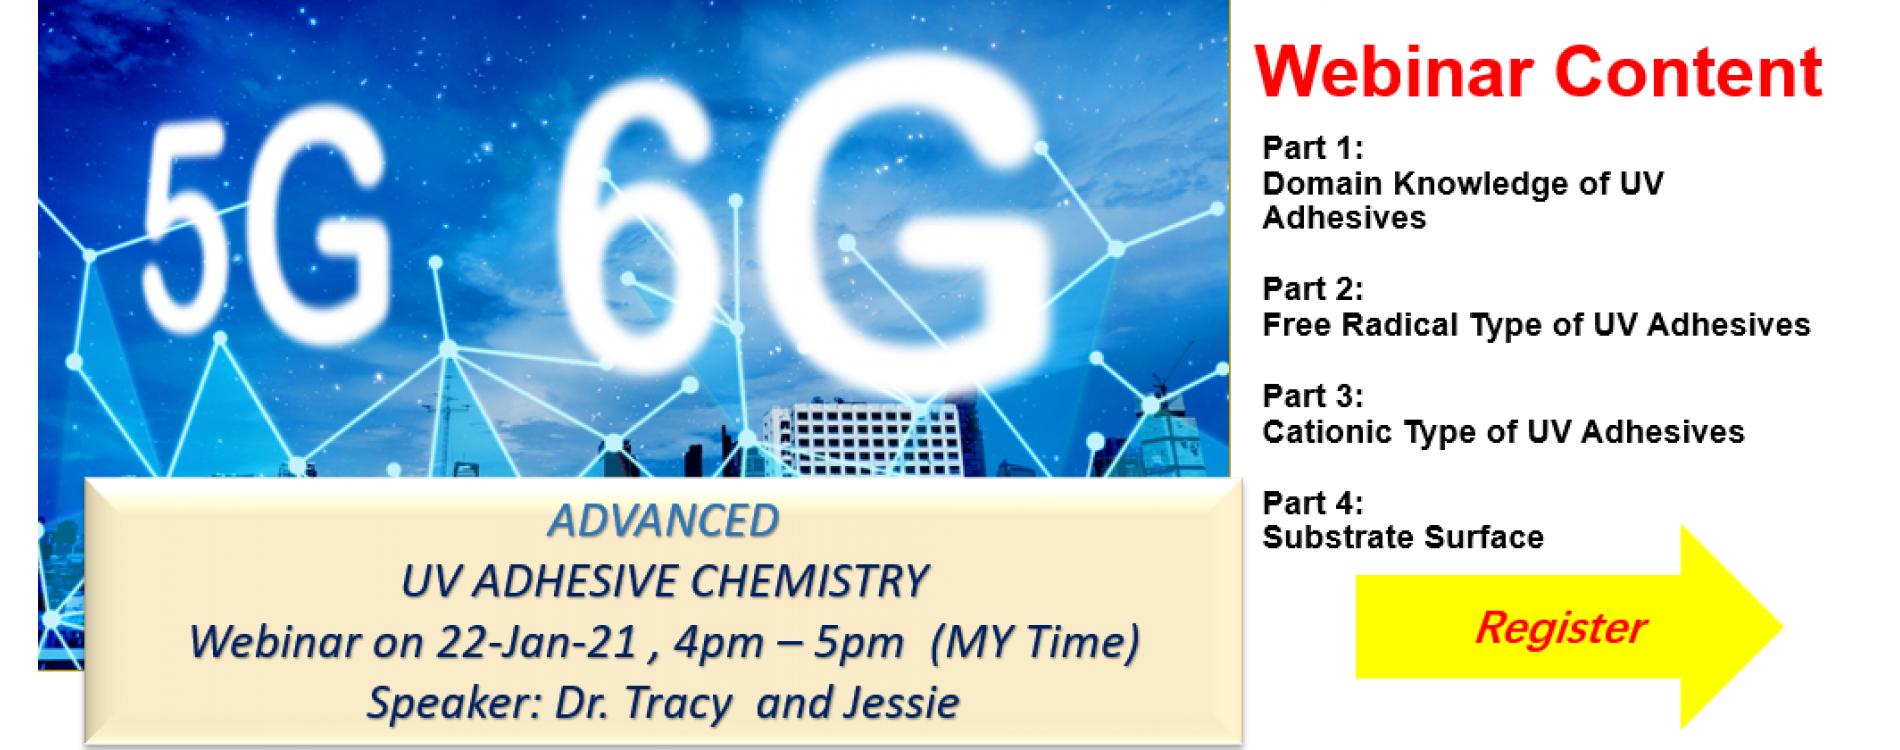 Penchem 5G & 6G Advanced UV Adhesive Chemistry Webinar Penchem